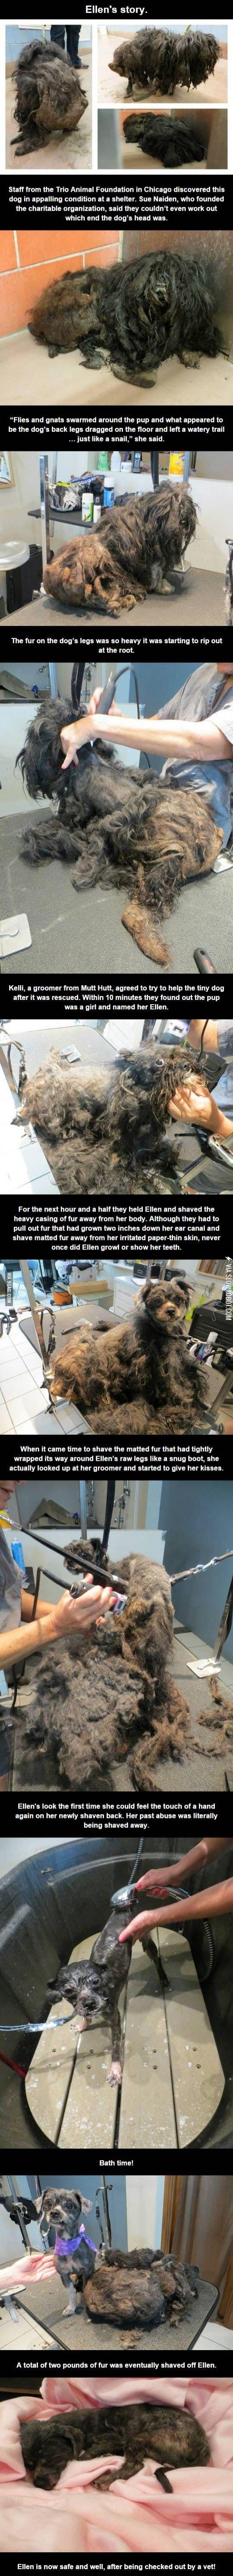 Meet Ellen - What a sweetheart.